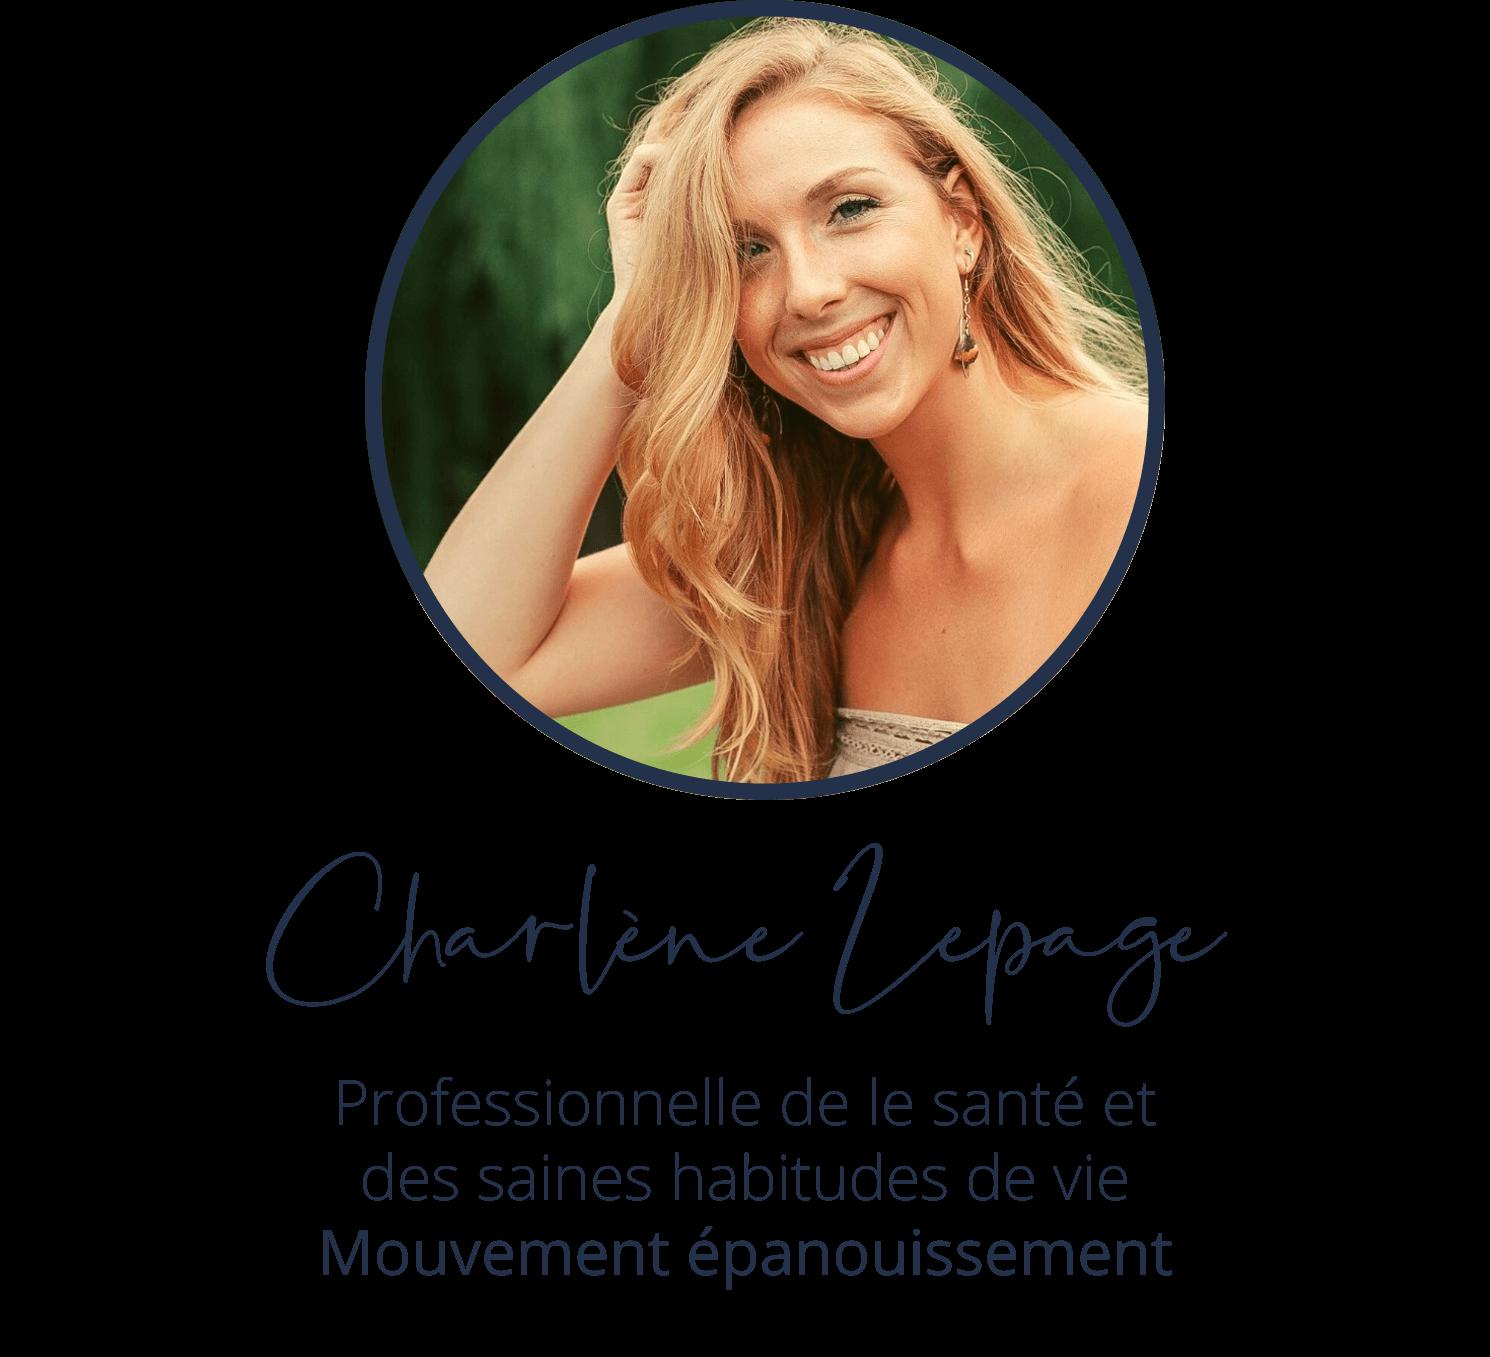 Charlène Lepage, Professionnelle de le santé et des saines habitudes de vie, Mouvement épanouissement